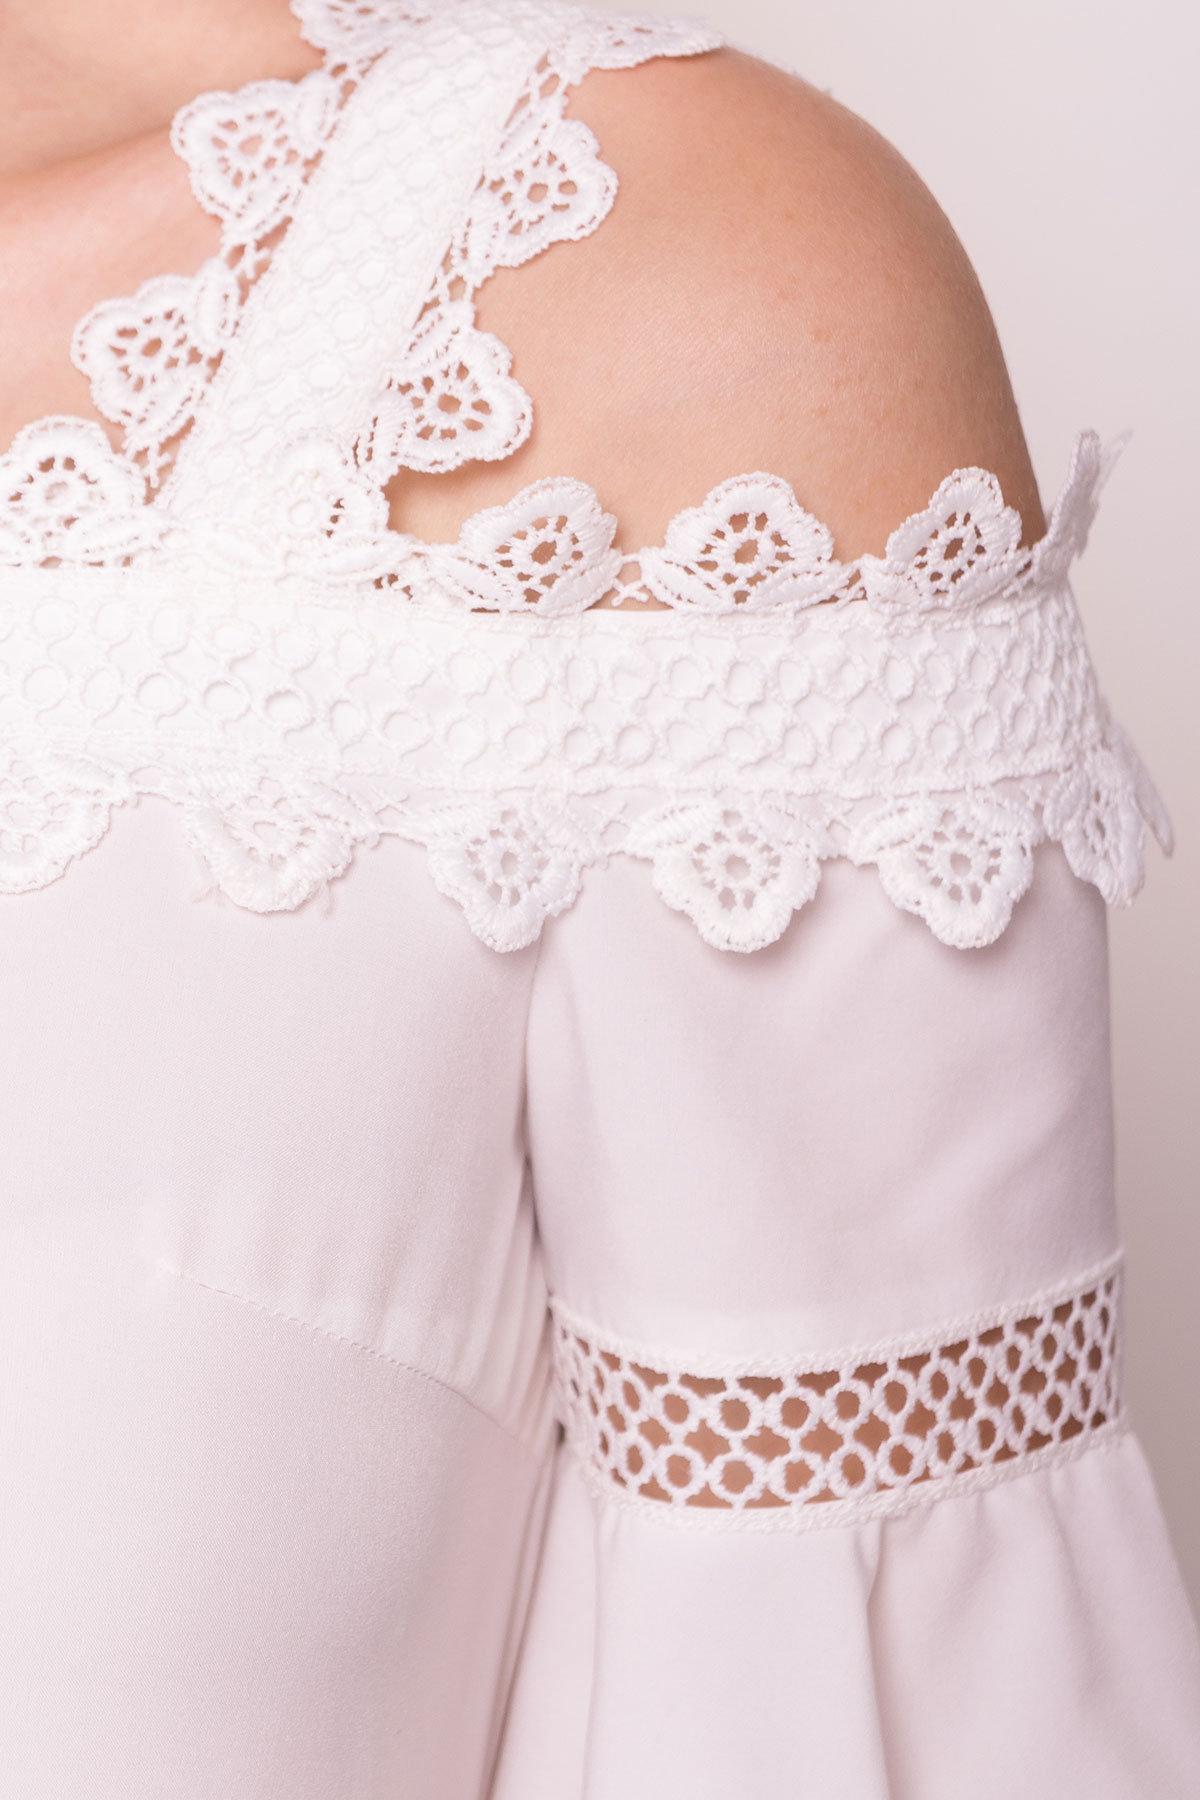 Платье Мальфа 5001 АРТ. 35424 Цвет: Молоко - фото 4, интернет магазин tm-modus.ru